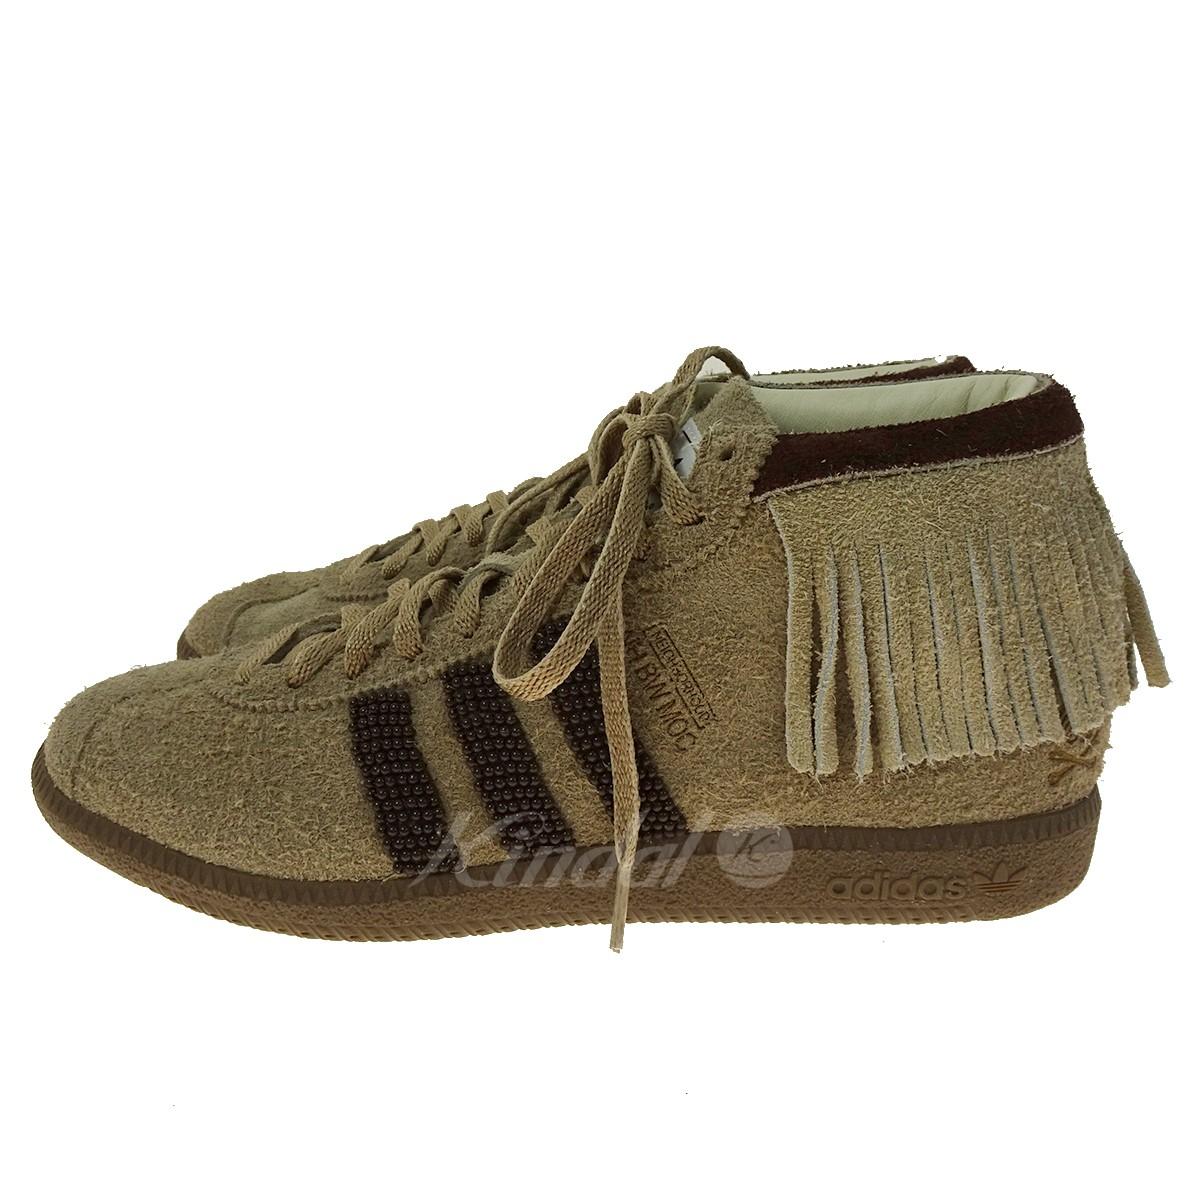 Asics Gel Resolution 8 GS Junior Tennis Shoe Bluered